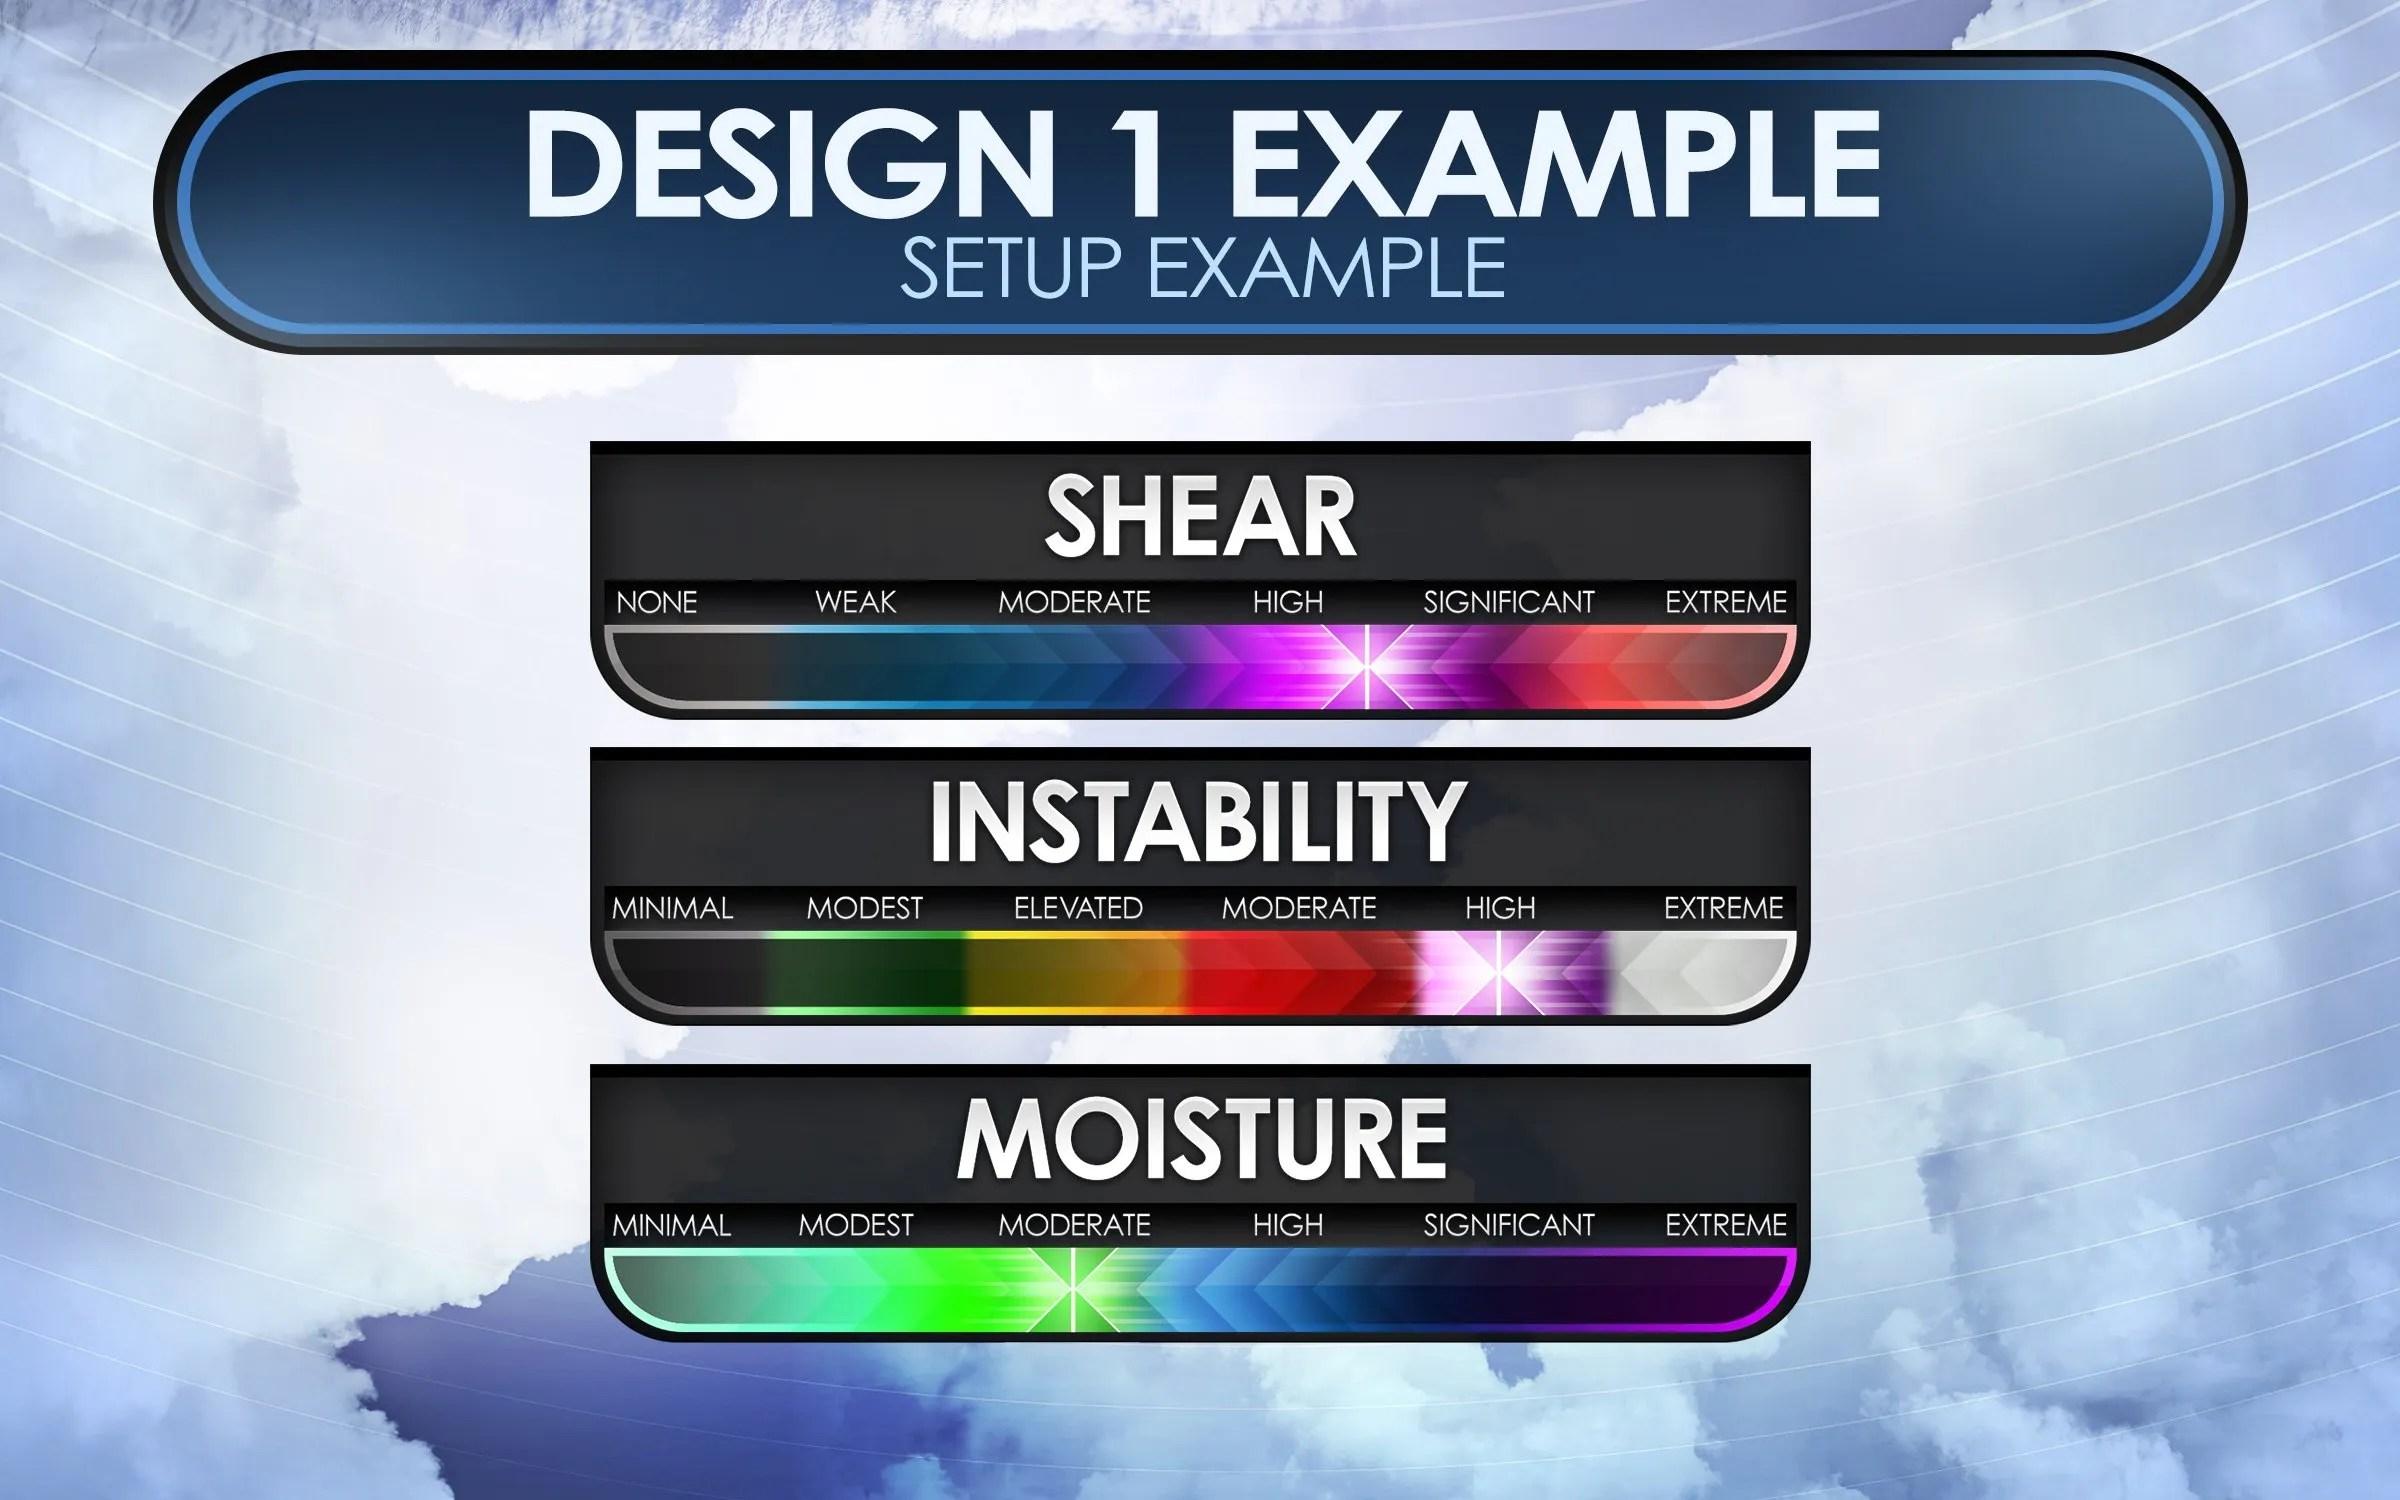 Design I Ex